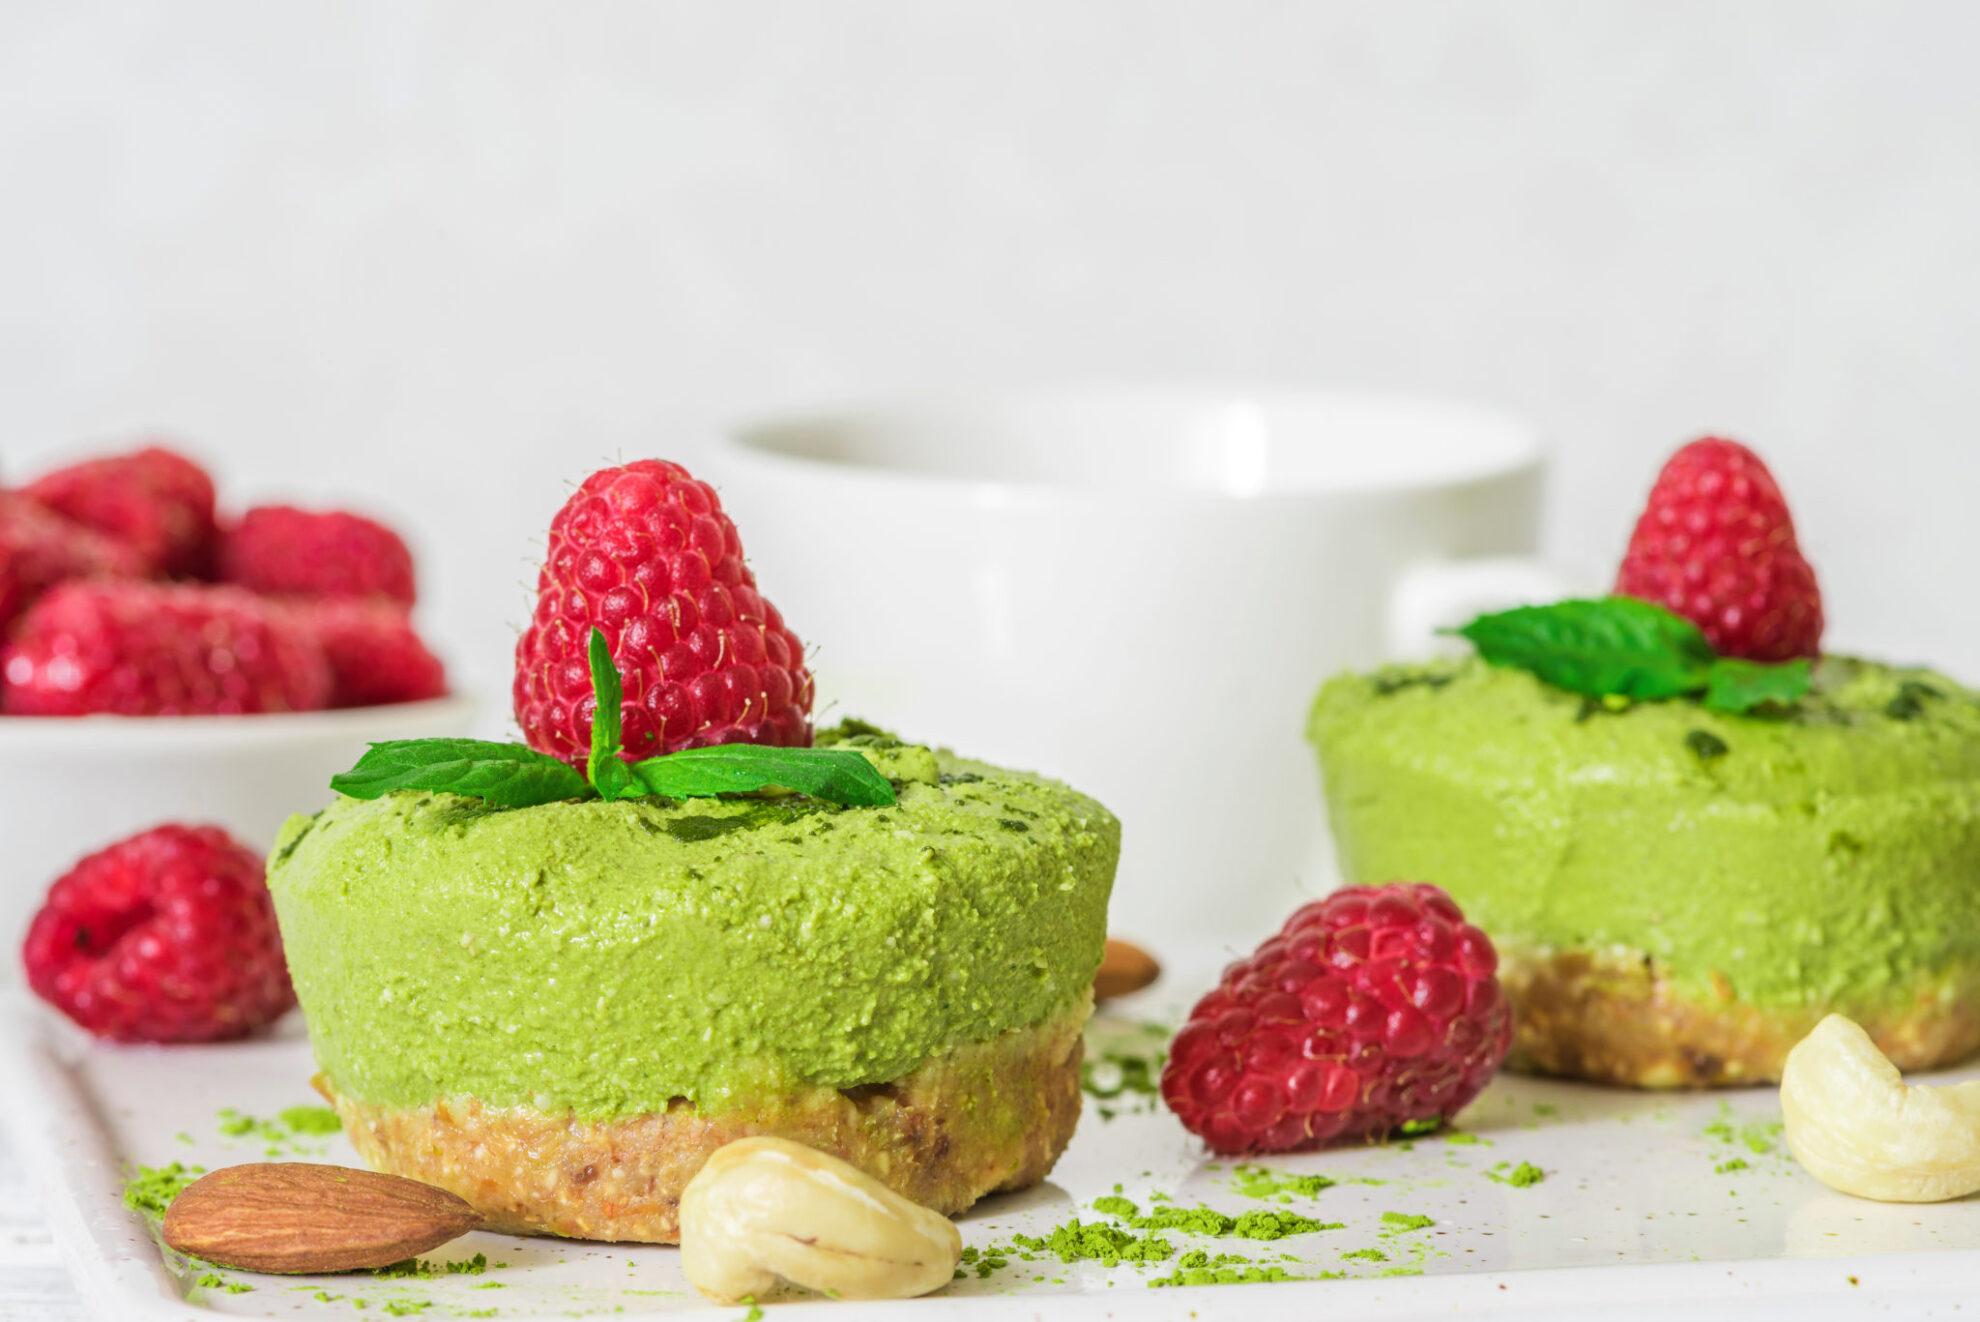 moringa recipes, Moringa Recipes, Nia Pure Nature